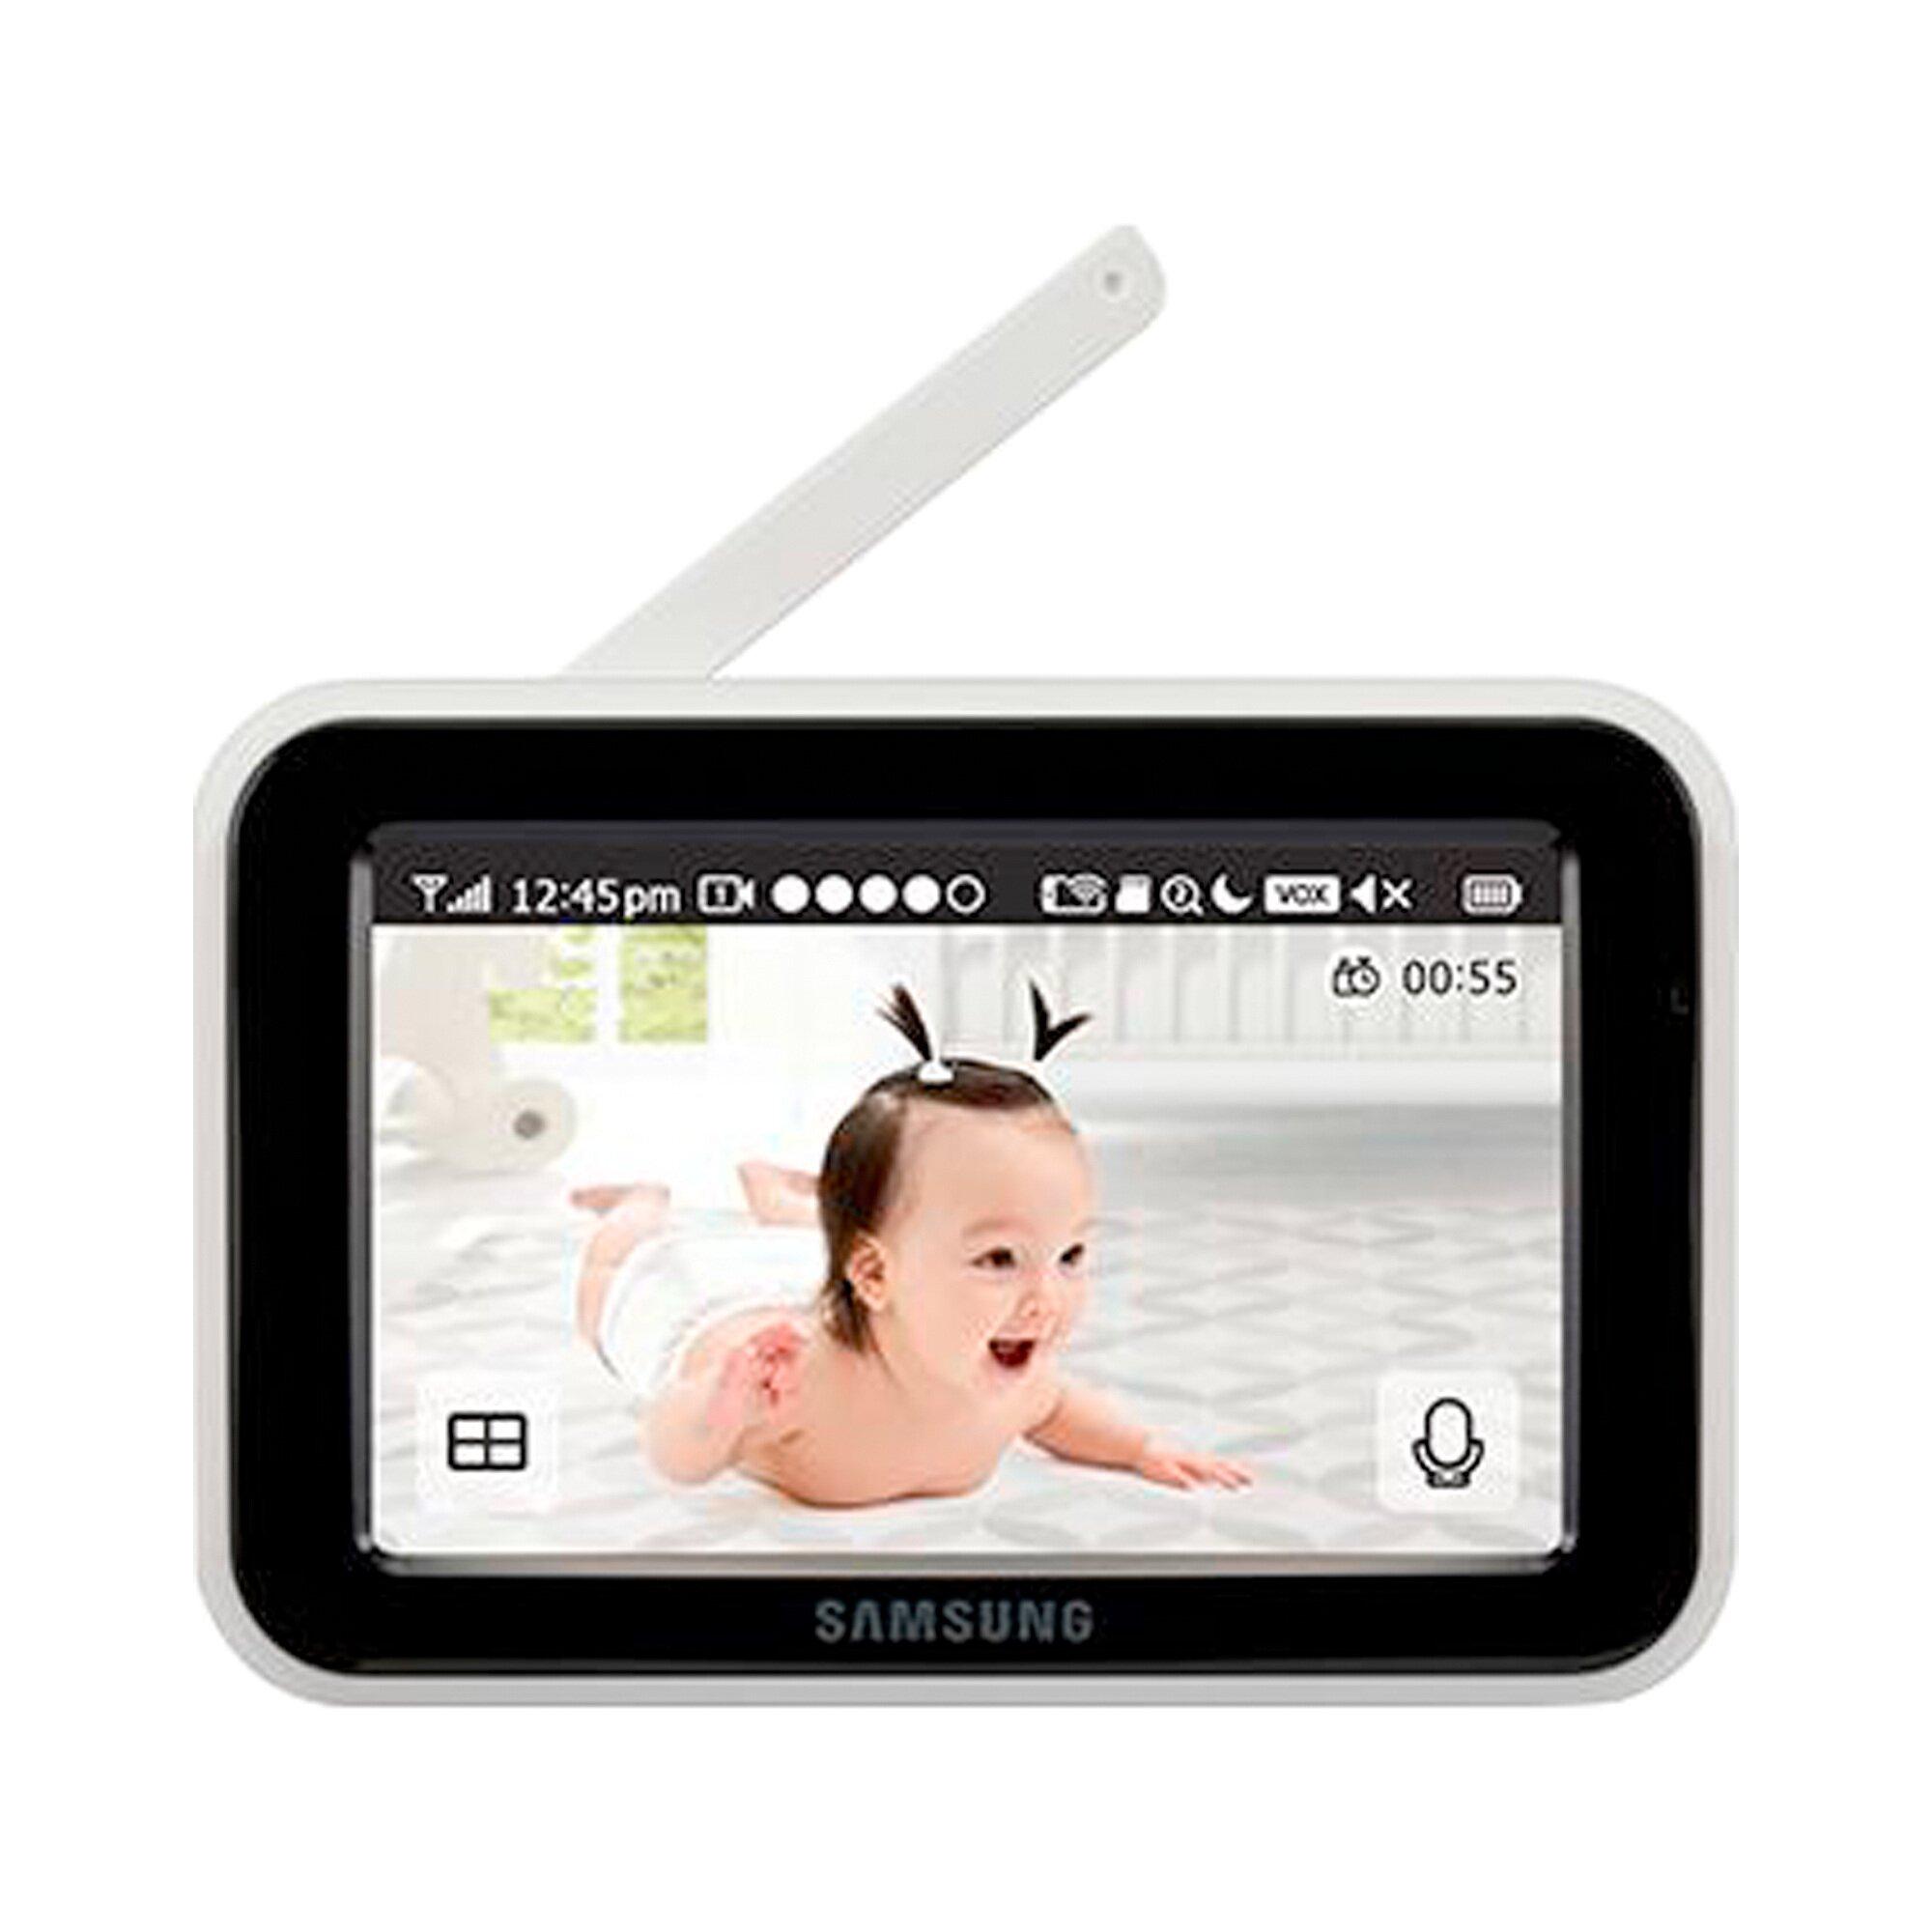 samsung-babyphone-mit-kamera-und-nachtsicht-funktion-sew-3053w